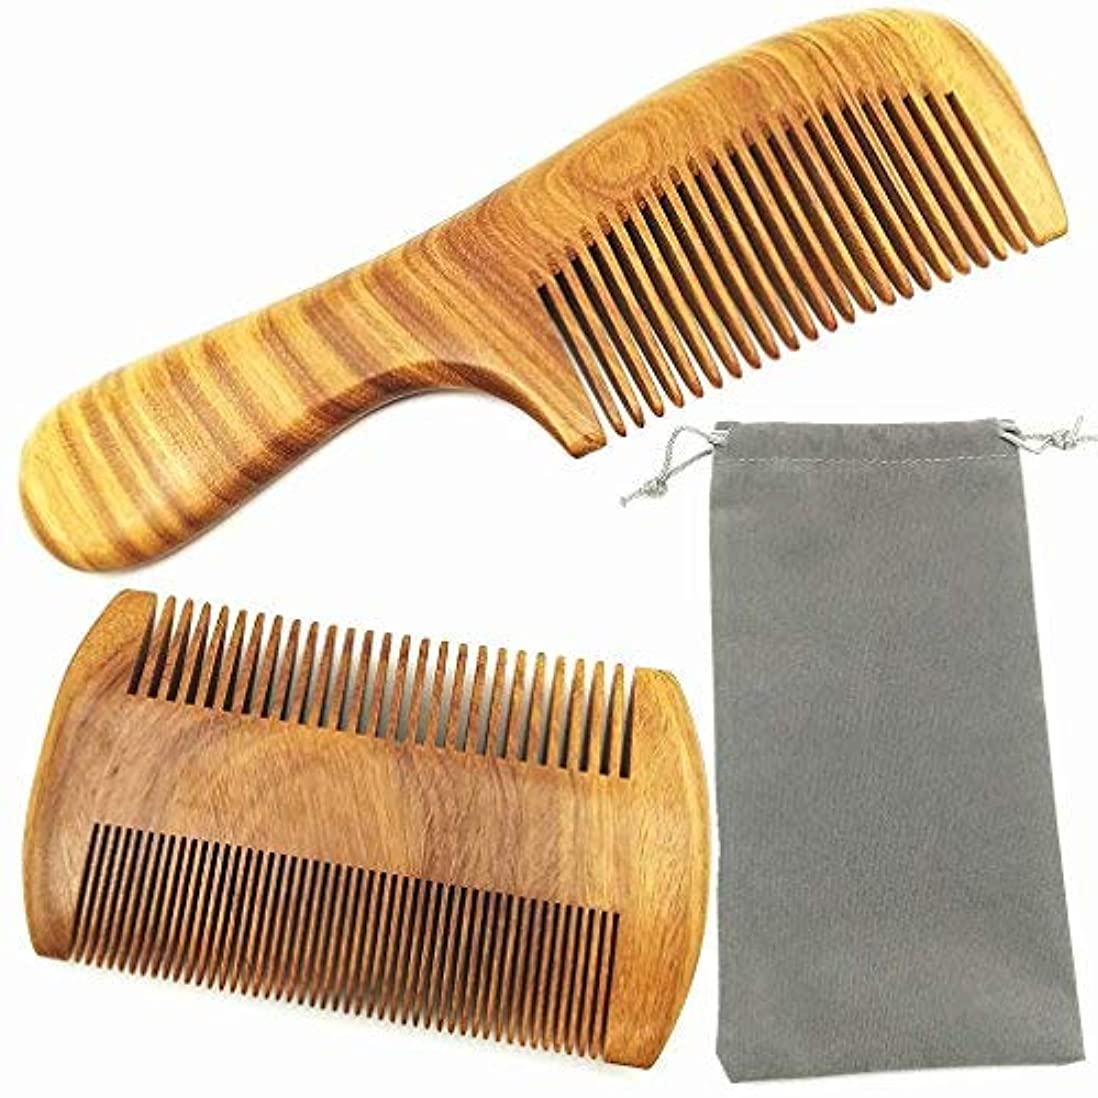 邪魔教育者フォーマルHair Combs ? Handmade Natural Aroma Green Sandalwood Wooden Comb Set - No Static Fine Sides & Wide Tooth Hair...